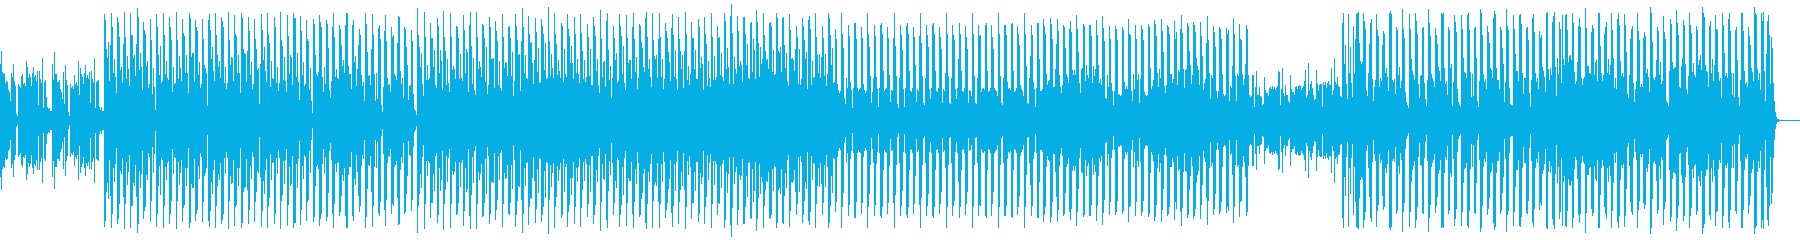 クールな車のCM風EDMの再生済みの波形